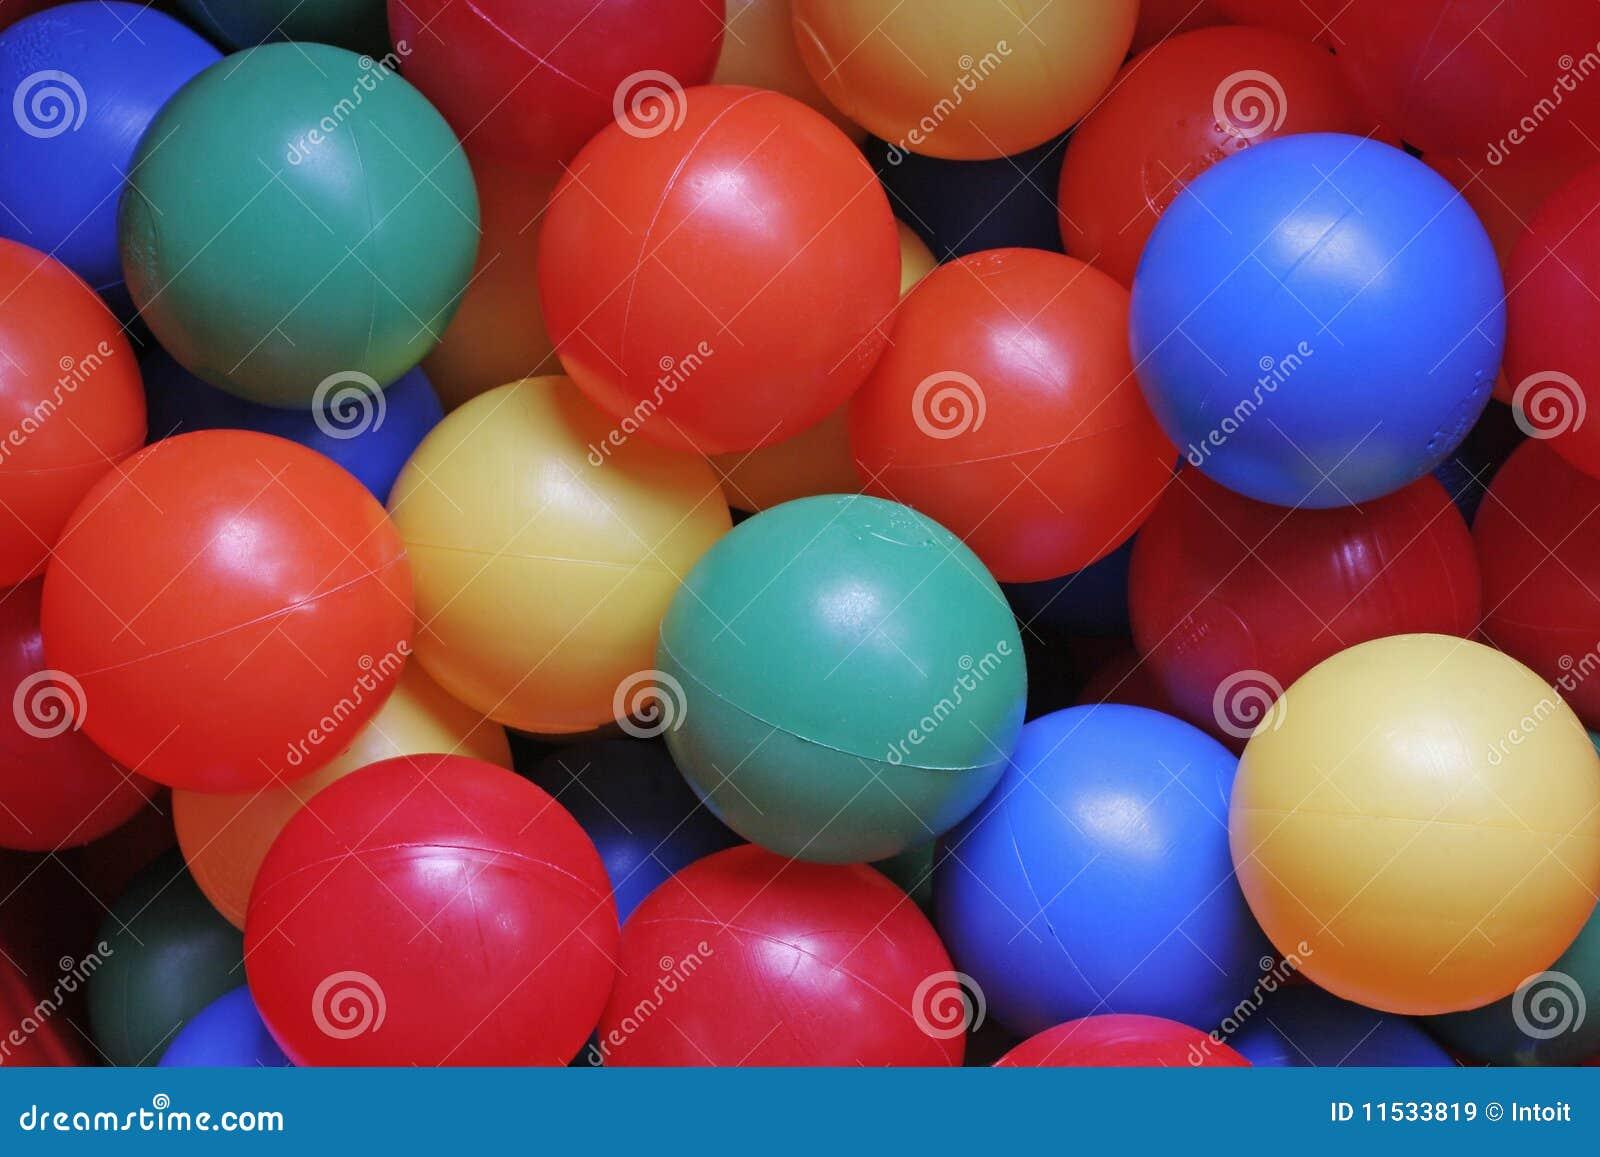 Multy ha colorato le sfere di plastica immagine stock for Sfere con bicchieri di plastica